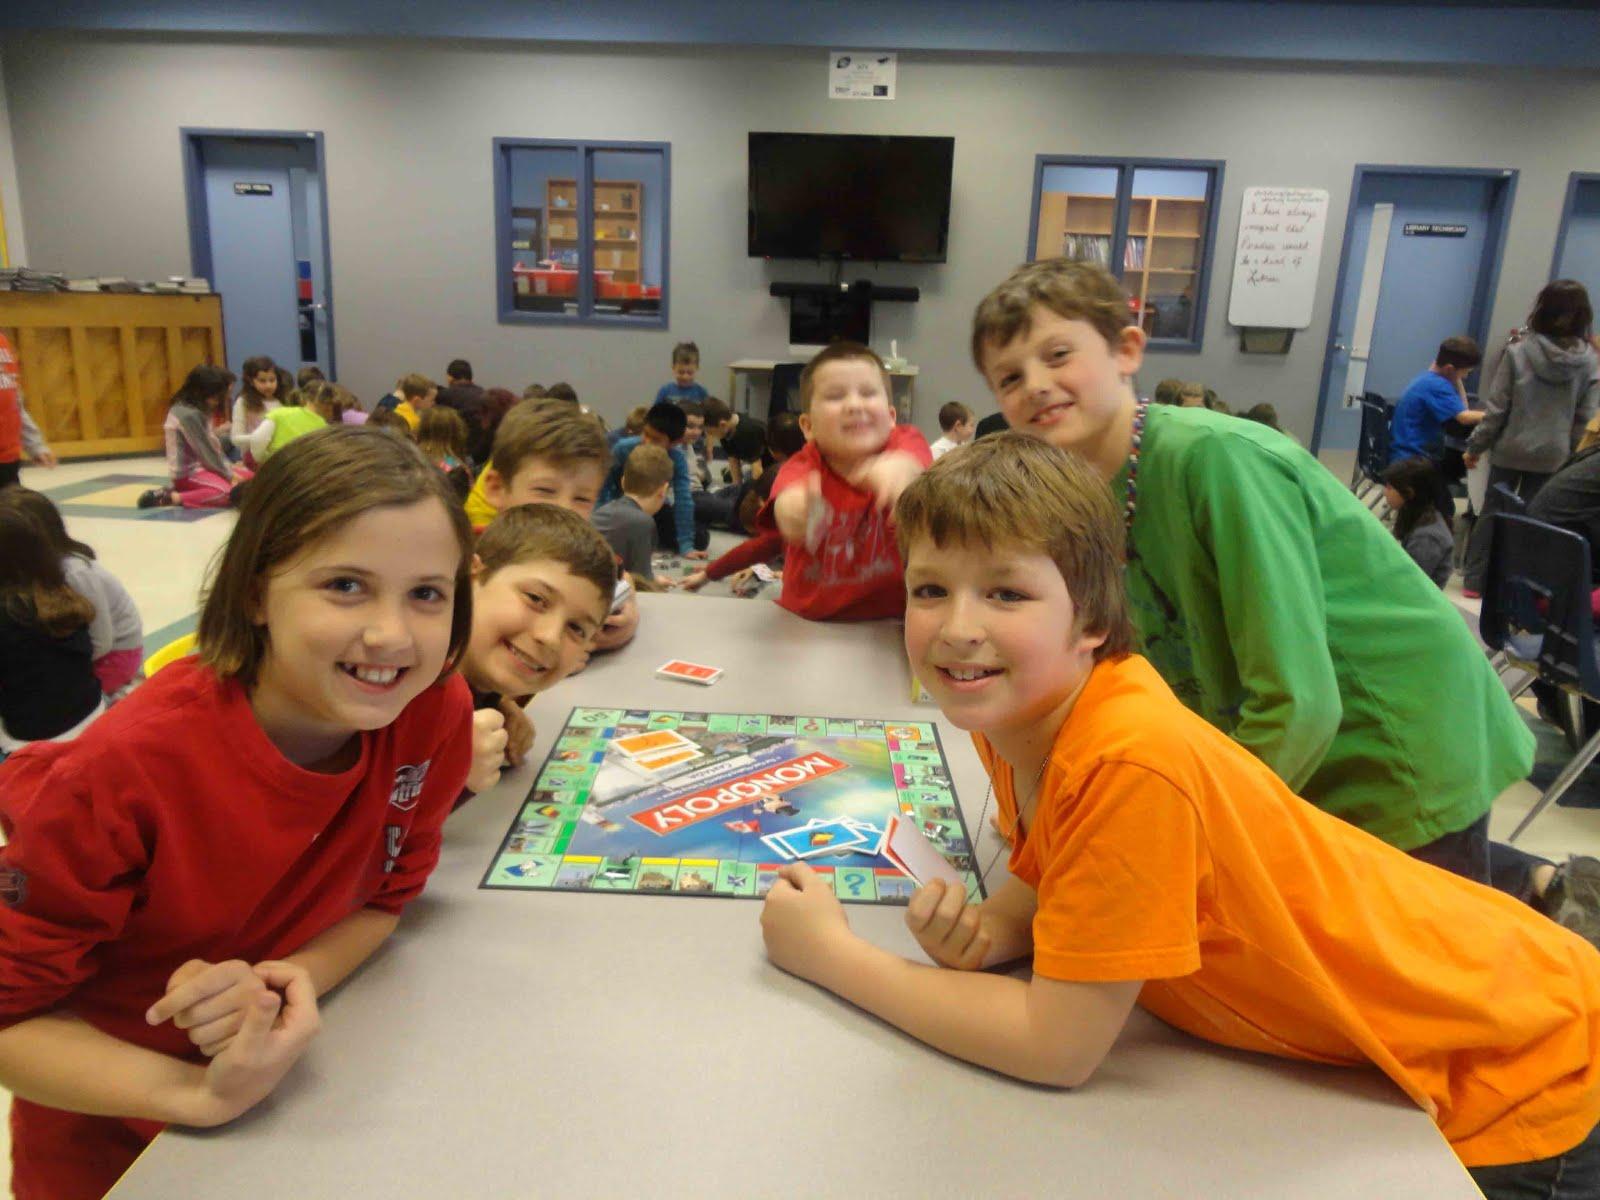 Tại các nước phát triển, Boardgame còn được đưa vào trường lớp và được xem như một môn sinh hoạt ngoại khóa.